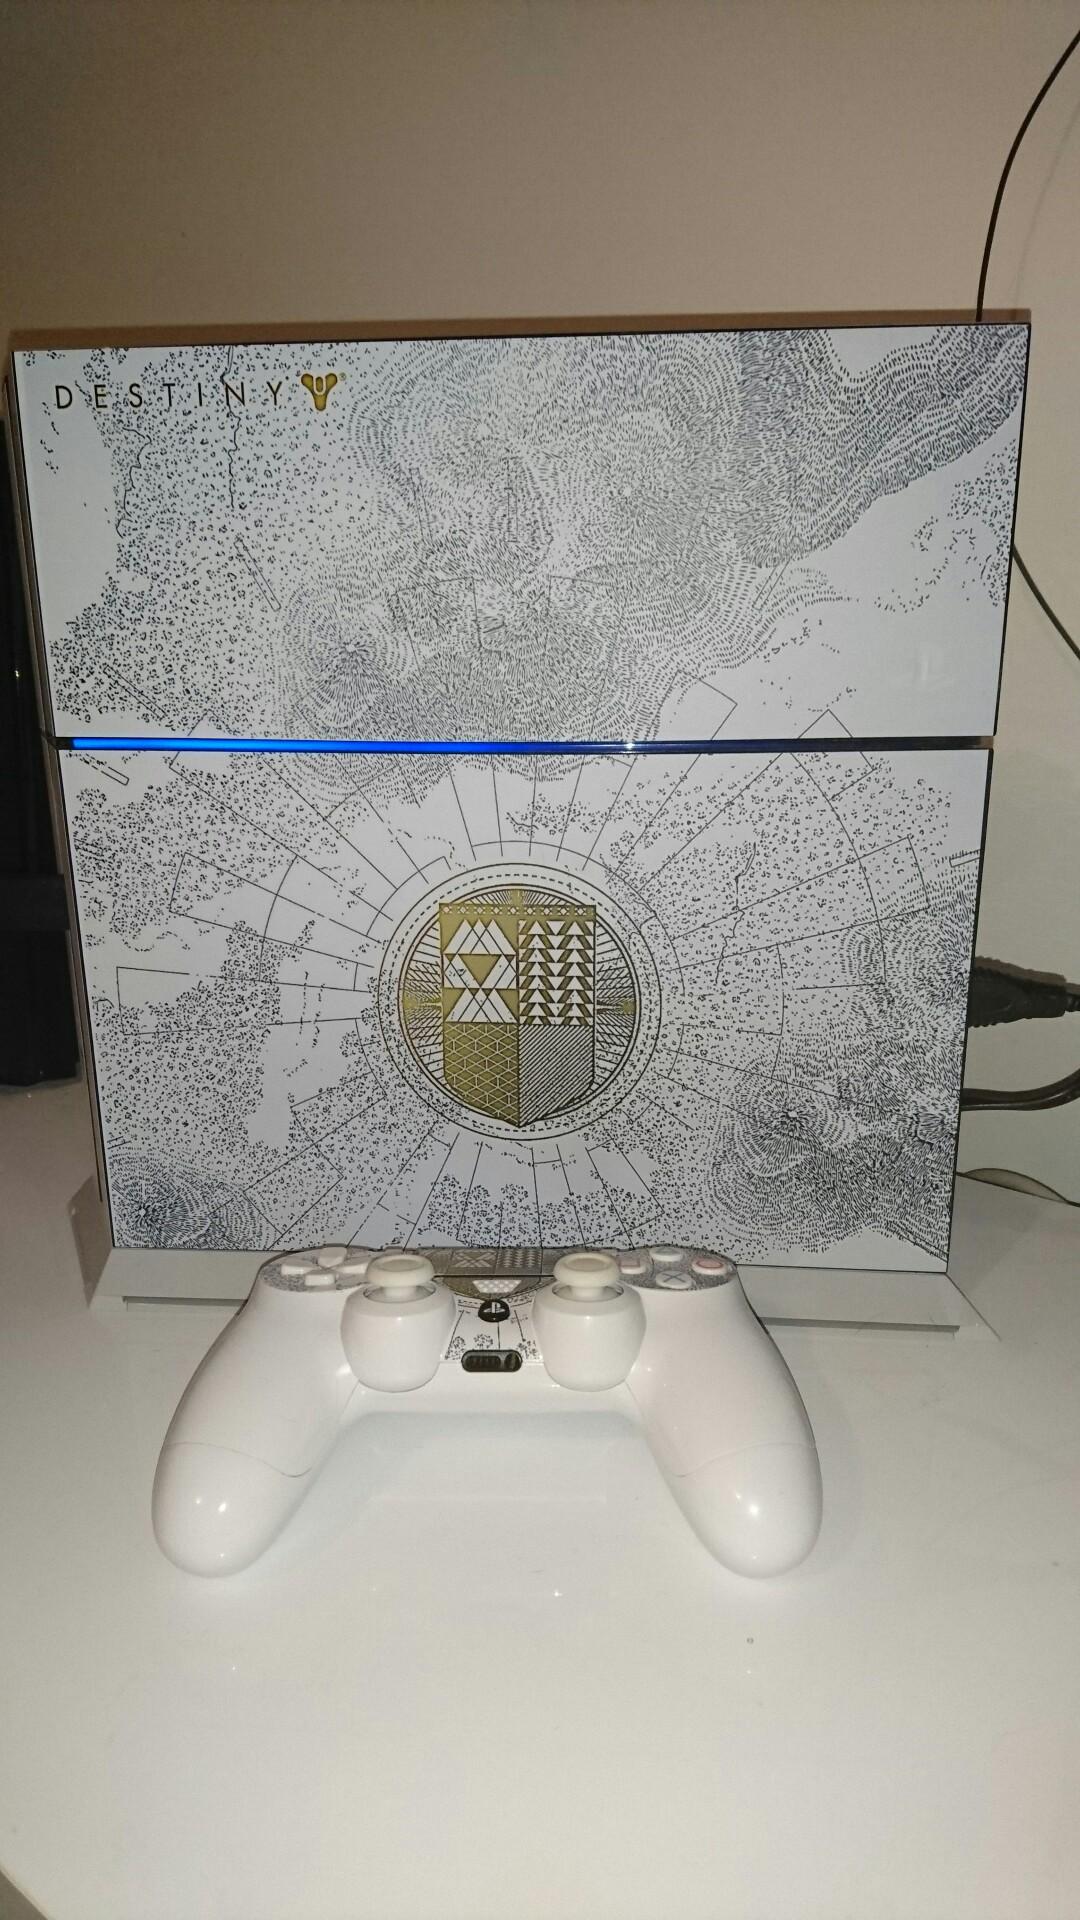 PS4コントローラーのボタンがうまく反応しないときにご覧くださいのサムネイル画像